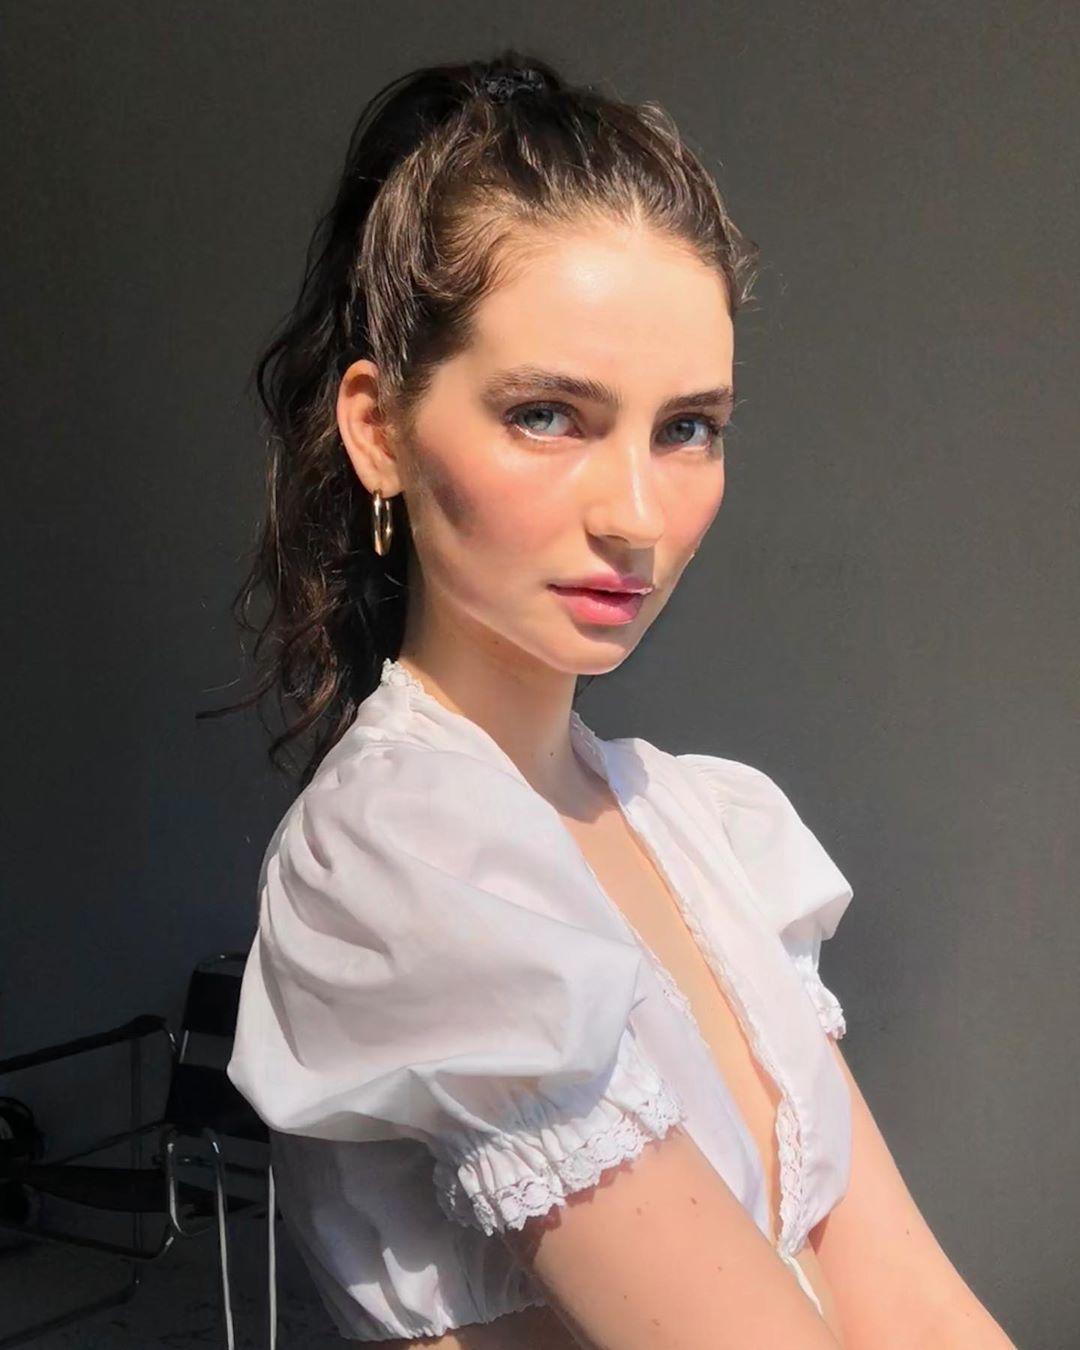 21-летняя дочь покойного Пола Уокера показала архивное видео с актером, но фанаты обеспокоились ее худобой | WMJ.ru